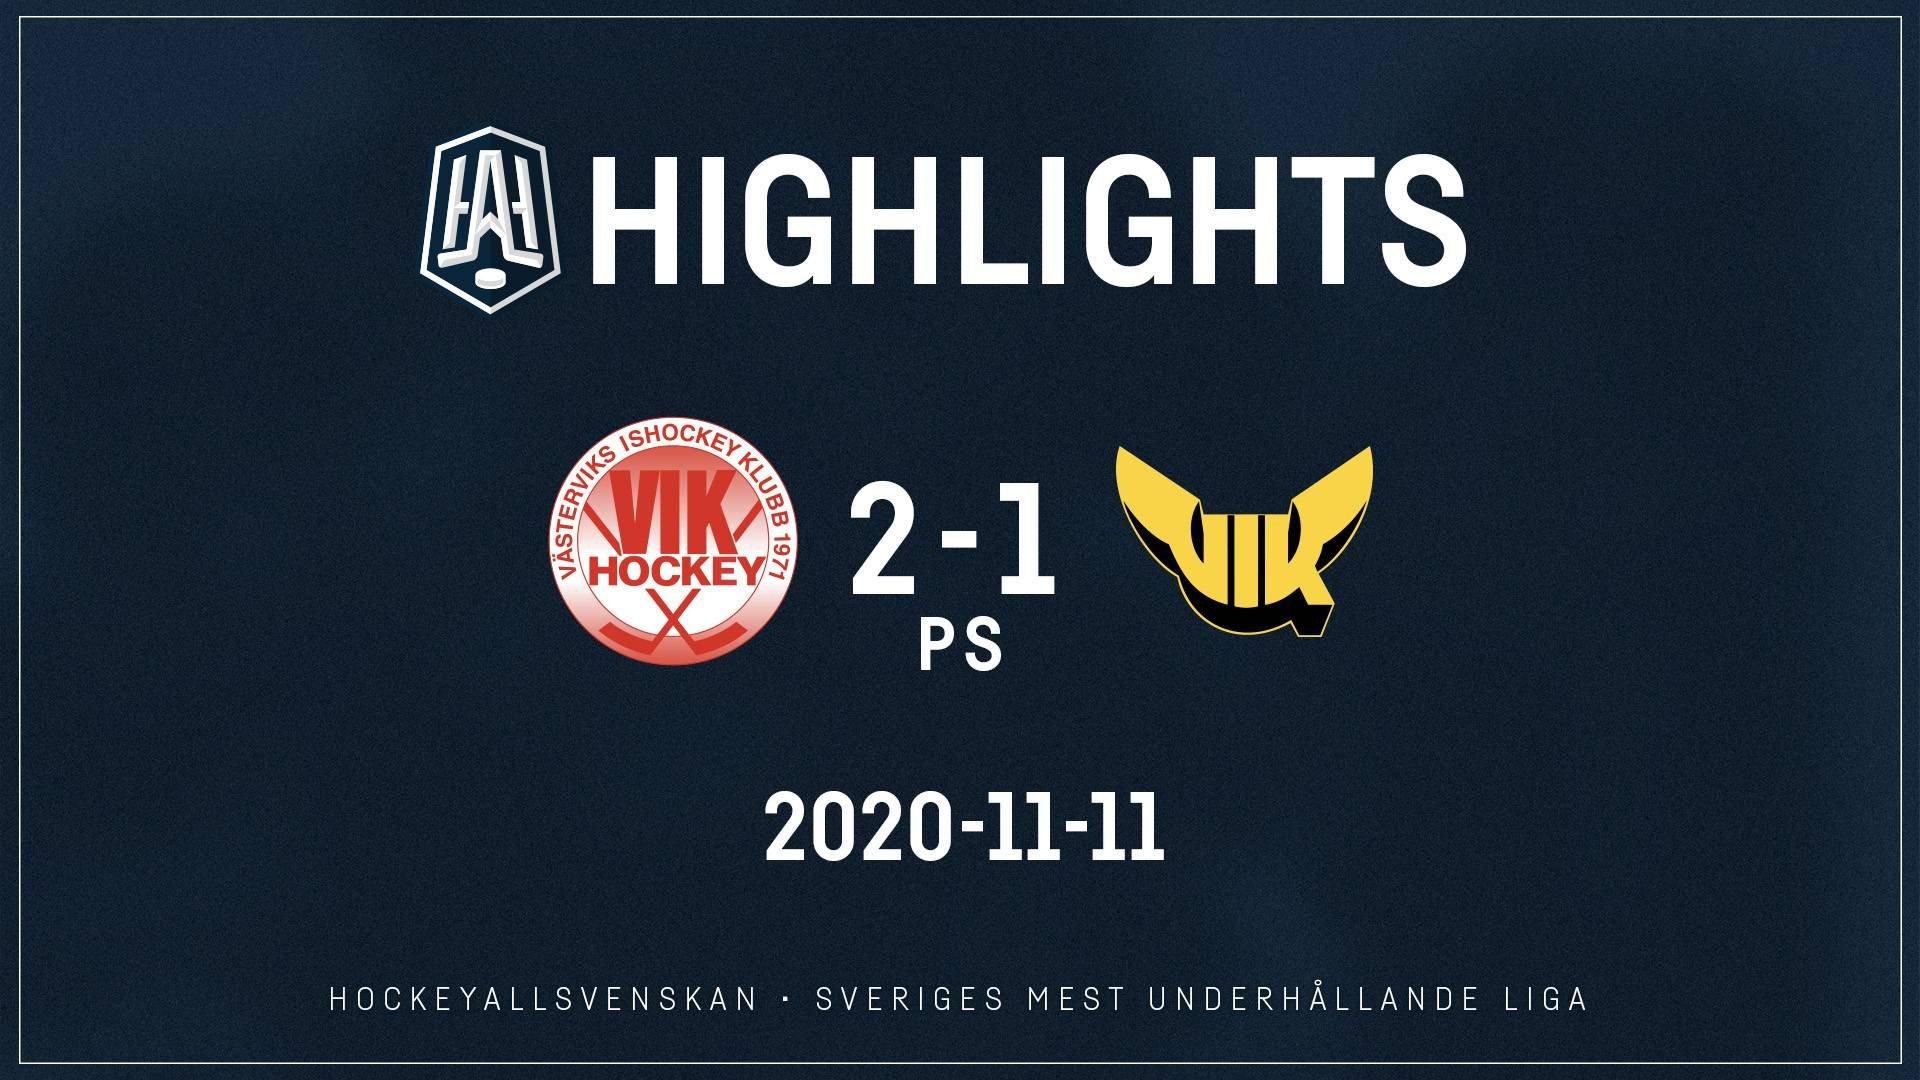 2020-11-11 Västervik - Västerås 2-1 (PS)